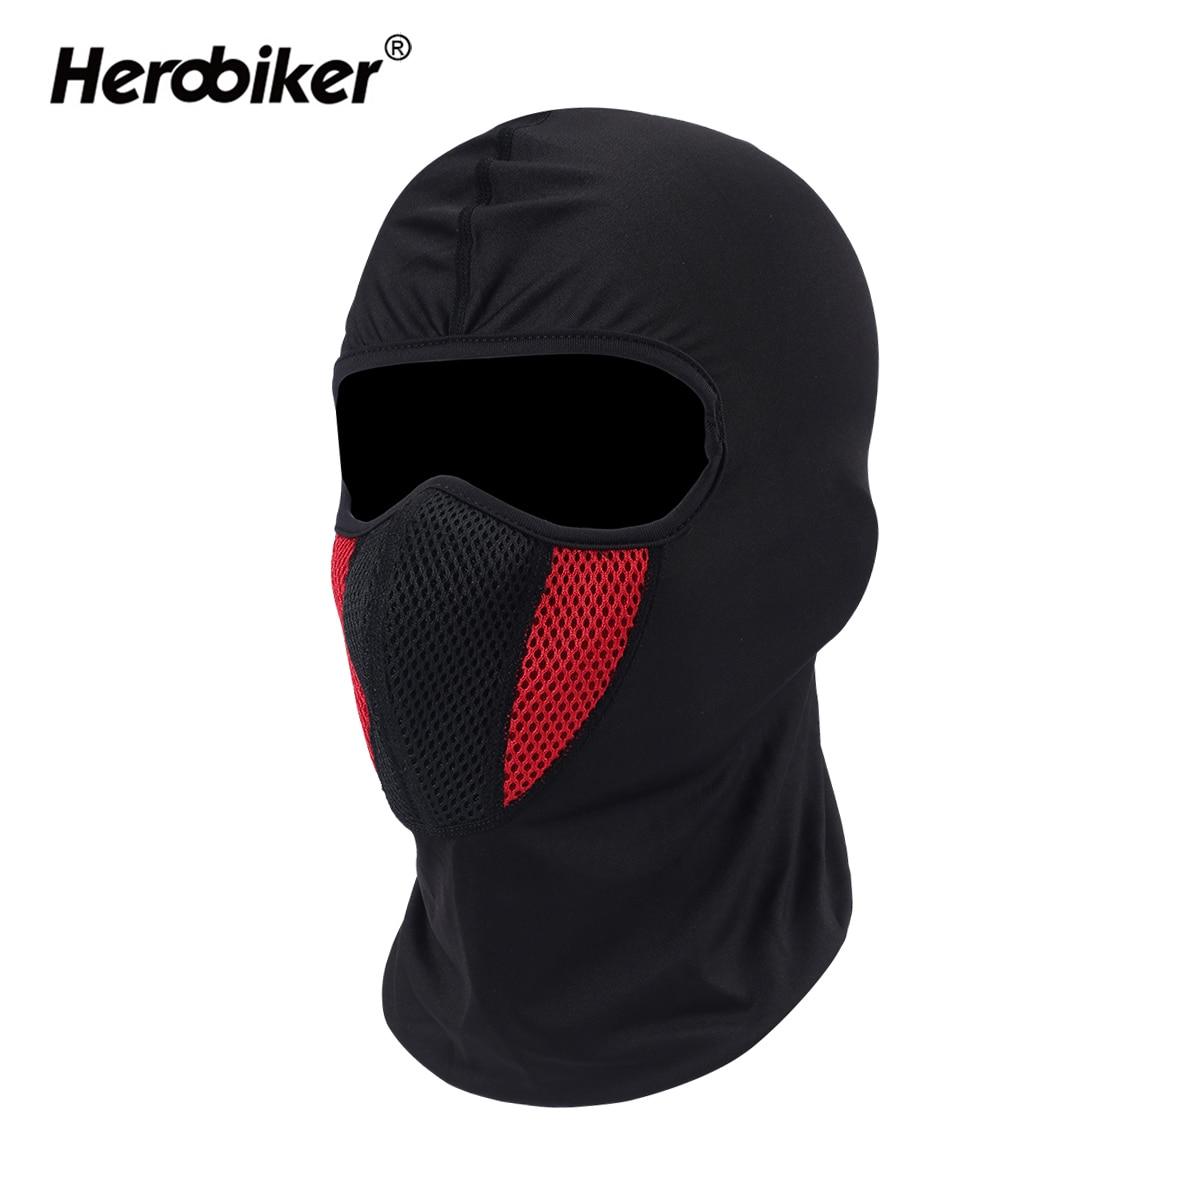 HEROBIKER Balaclava Moto Gesichtsmaske Motorrad Taktische Airsoft Paintball Cycling Bike Ski Armee Helm Schutz Volle Gesichtsmaske